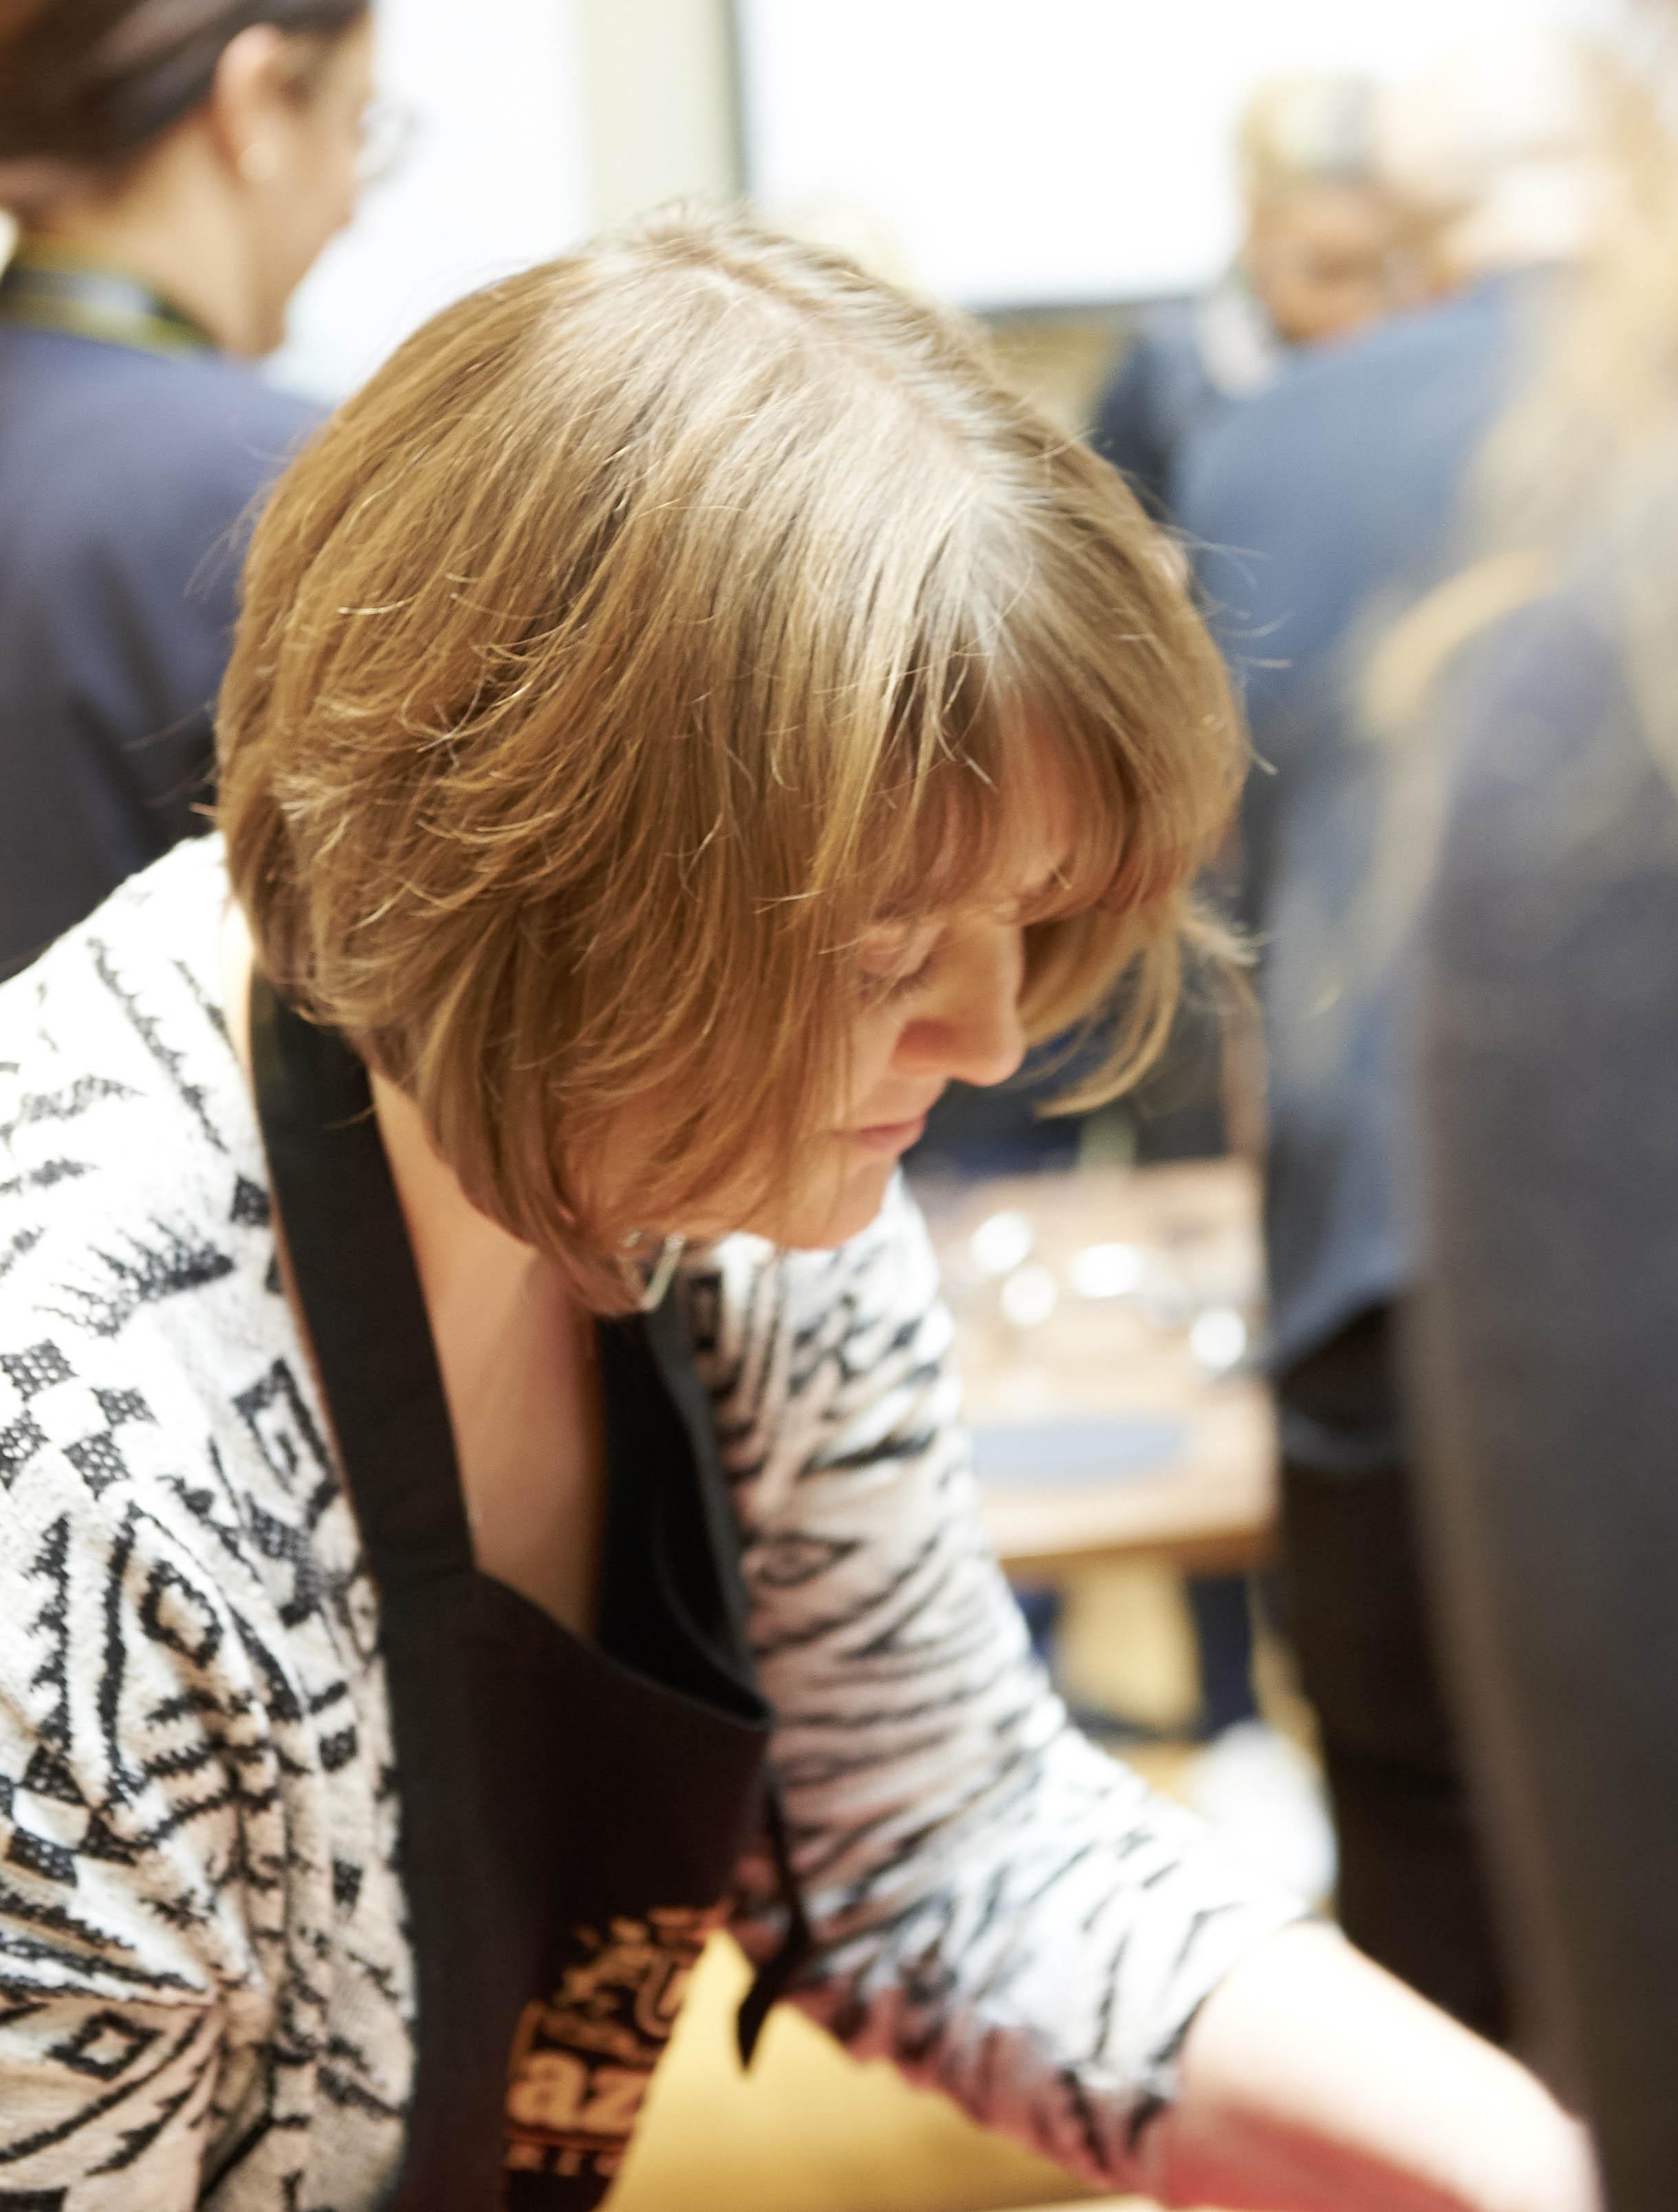 Food_Blog_Meet_Berlin_35 copy.jpg